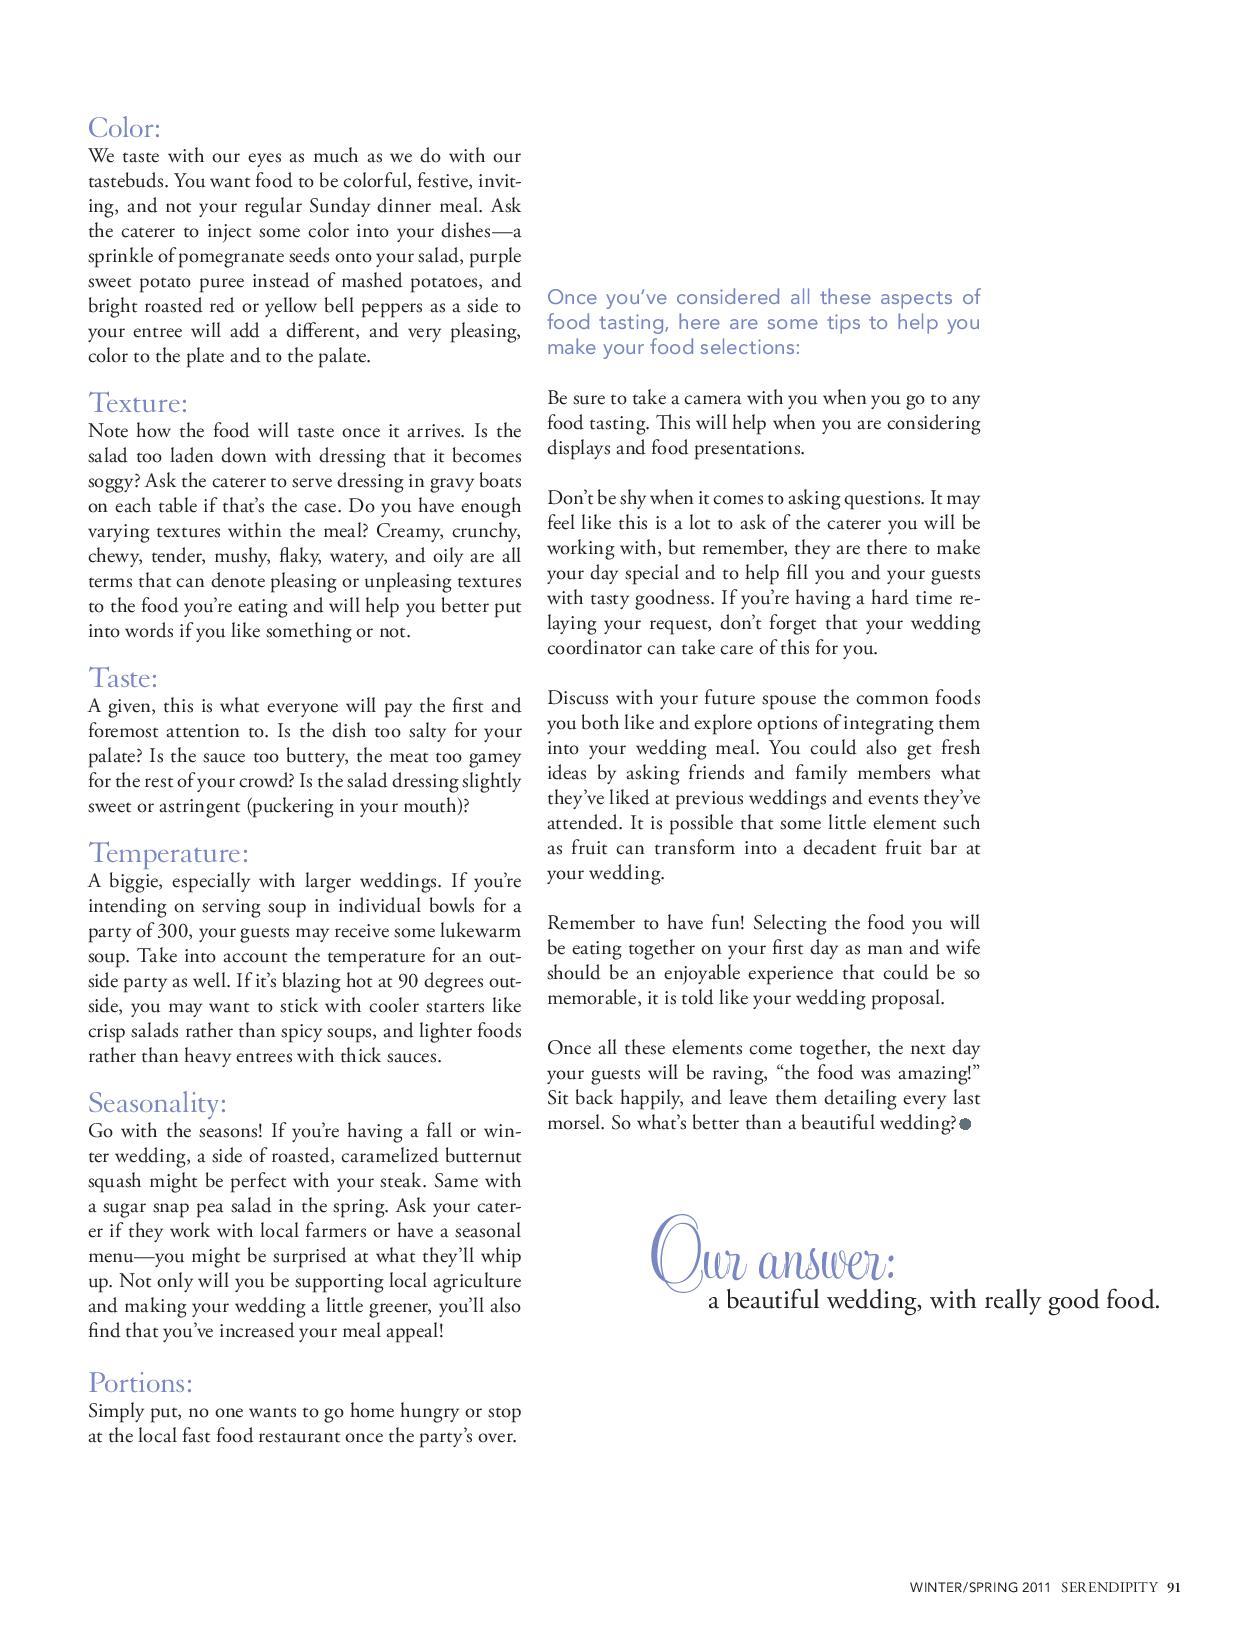 foodarticle-page-002.jpg